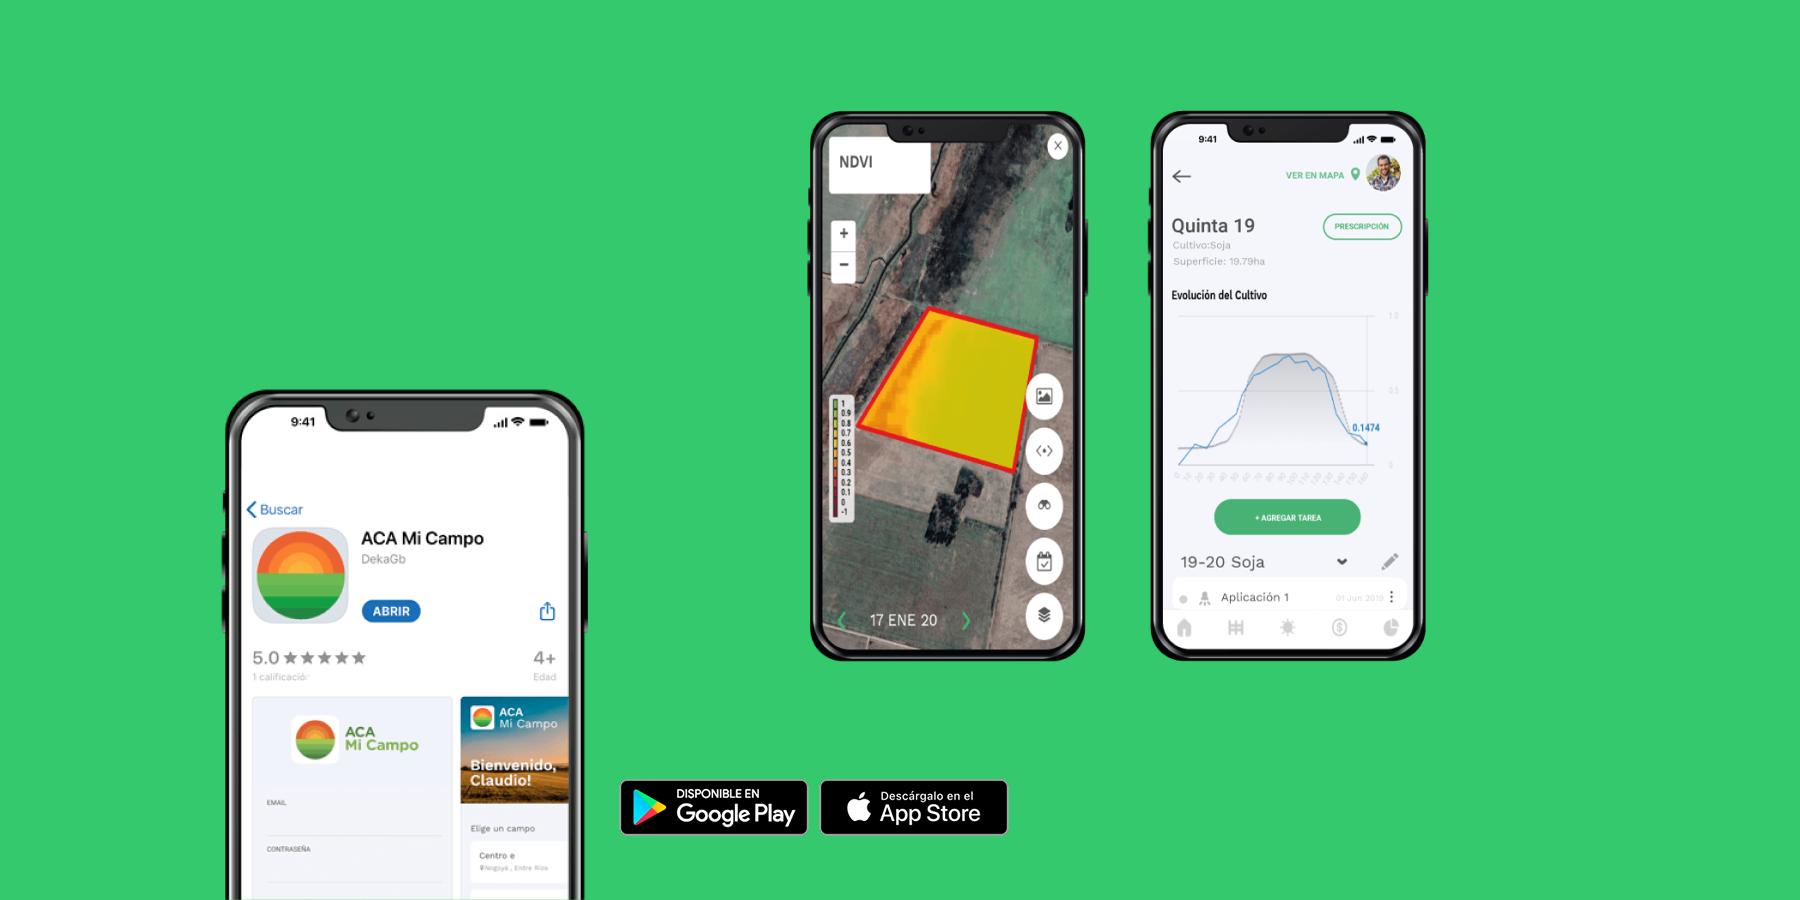 Цифровая платформа для сельского хозяйства ACA Mi Campo